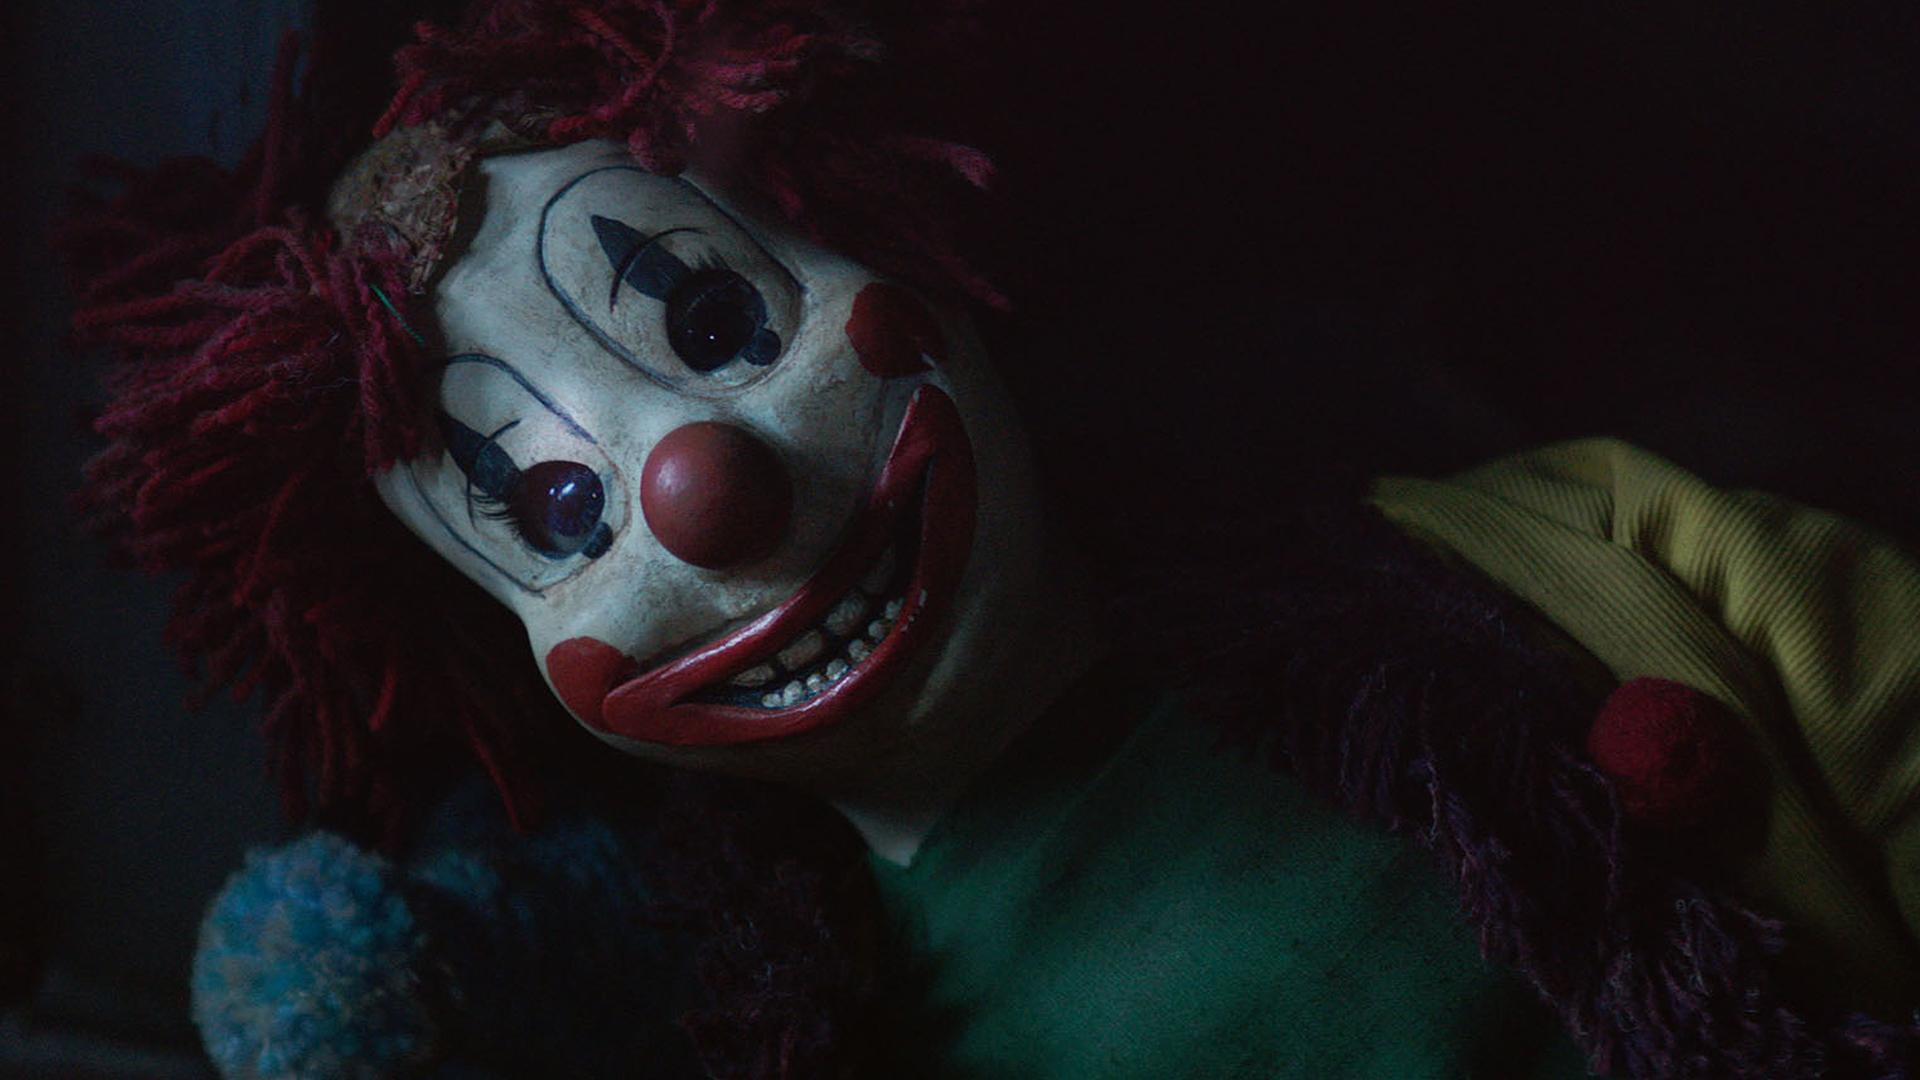 Poltergeist: un'inquietante immagine tratta dall'horror soprannaturale